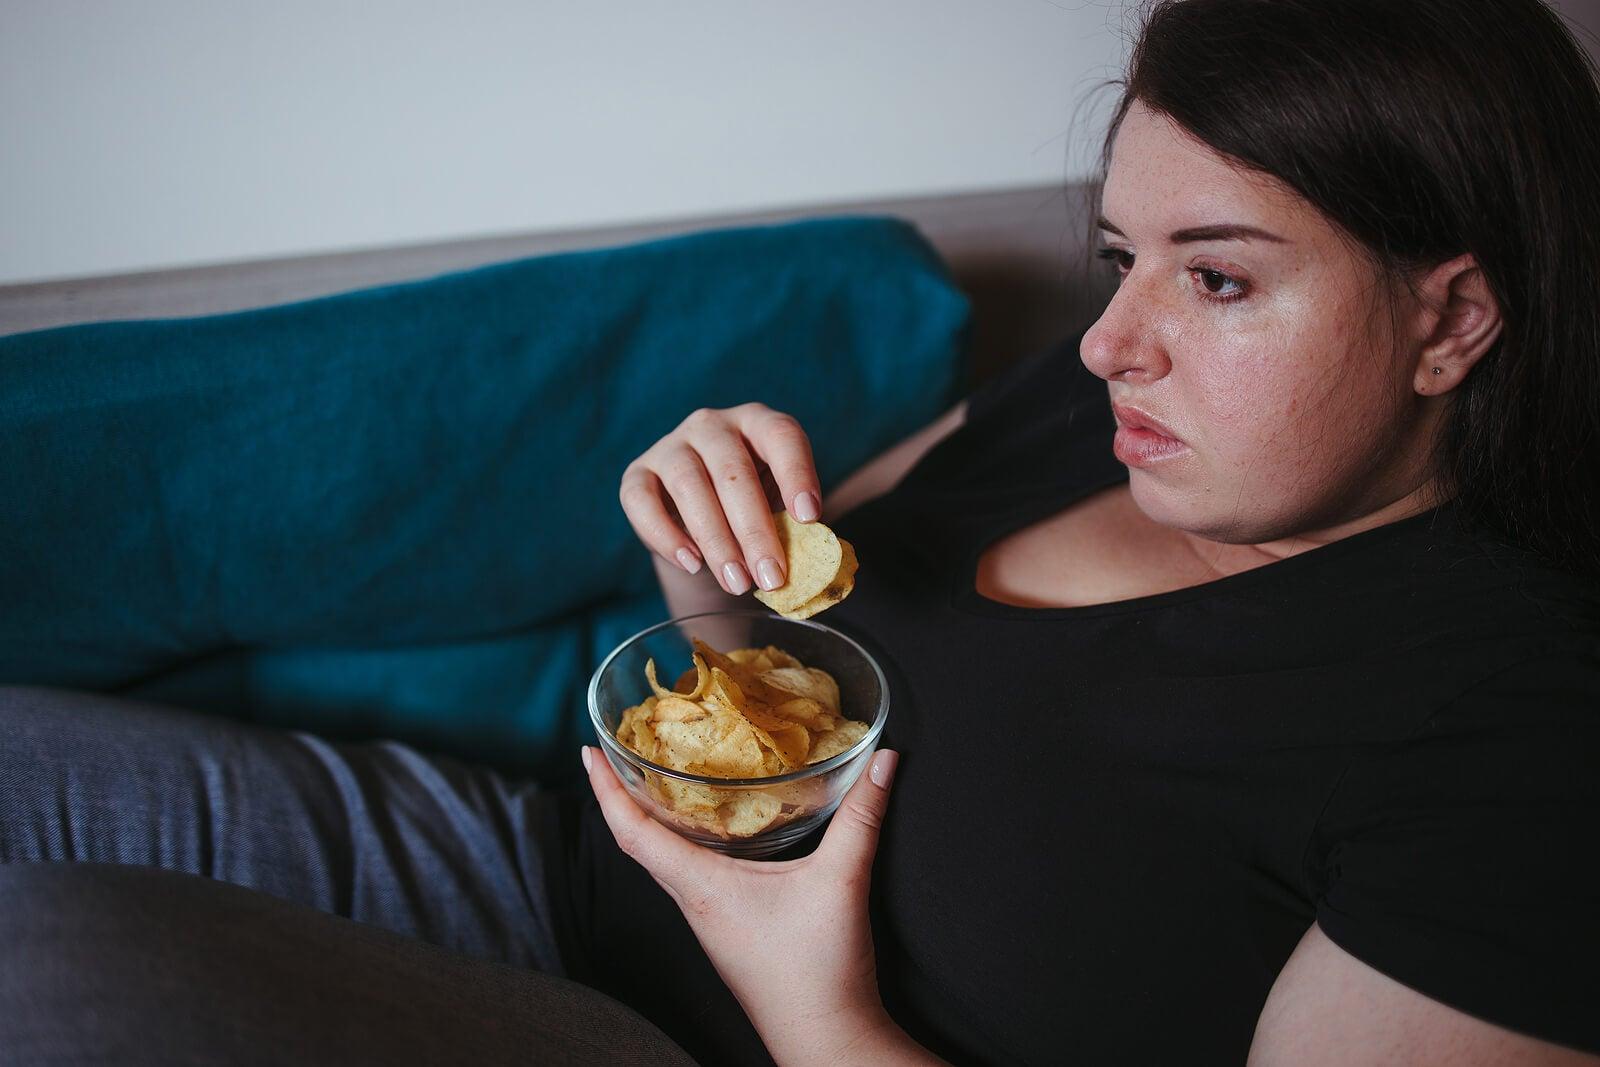 Mujer sedentaria y obesa.